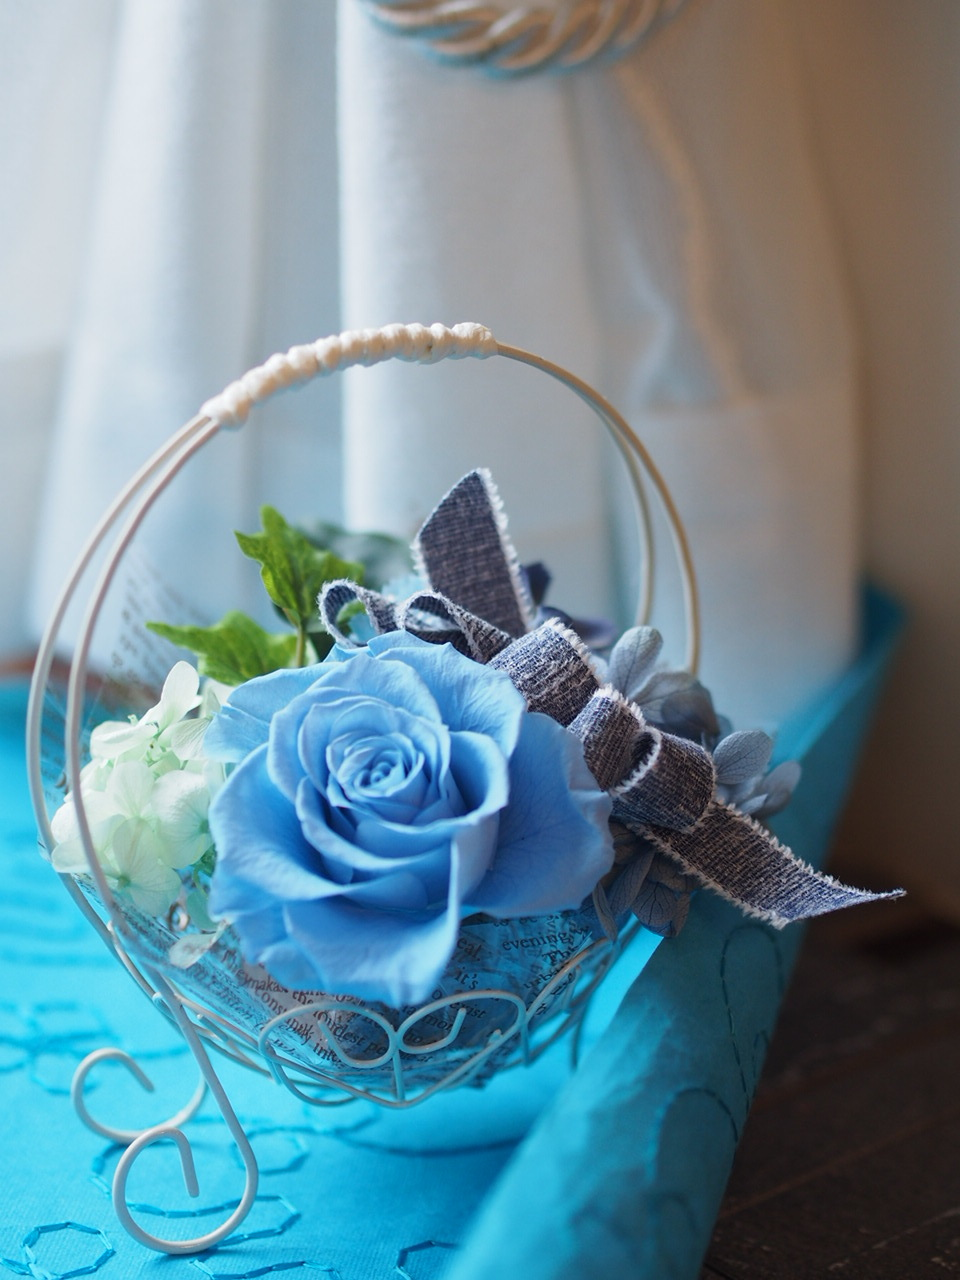 【Pink/Blue/Gift】_d0144095_13405508.jpg